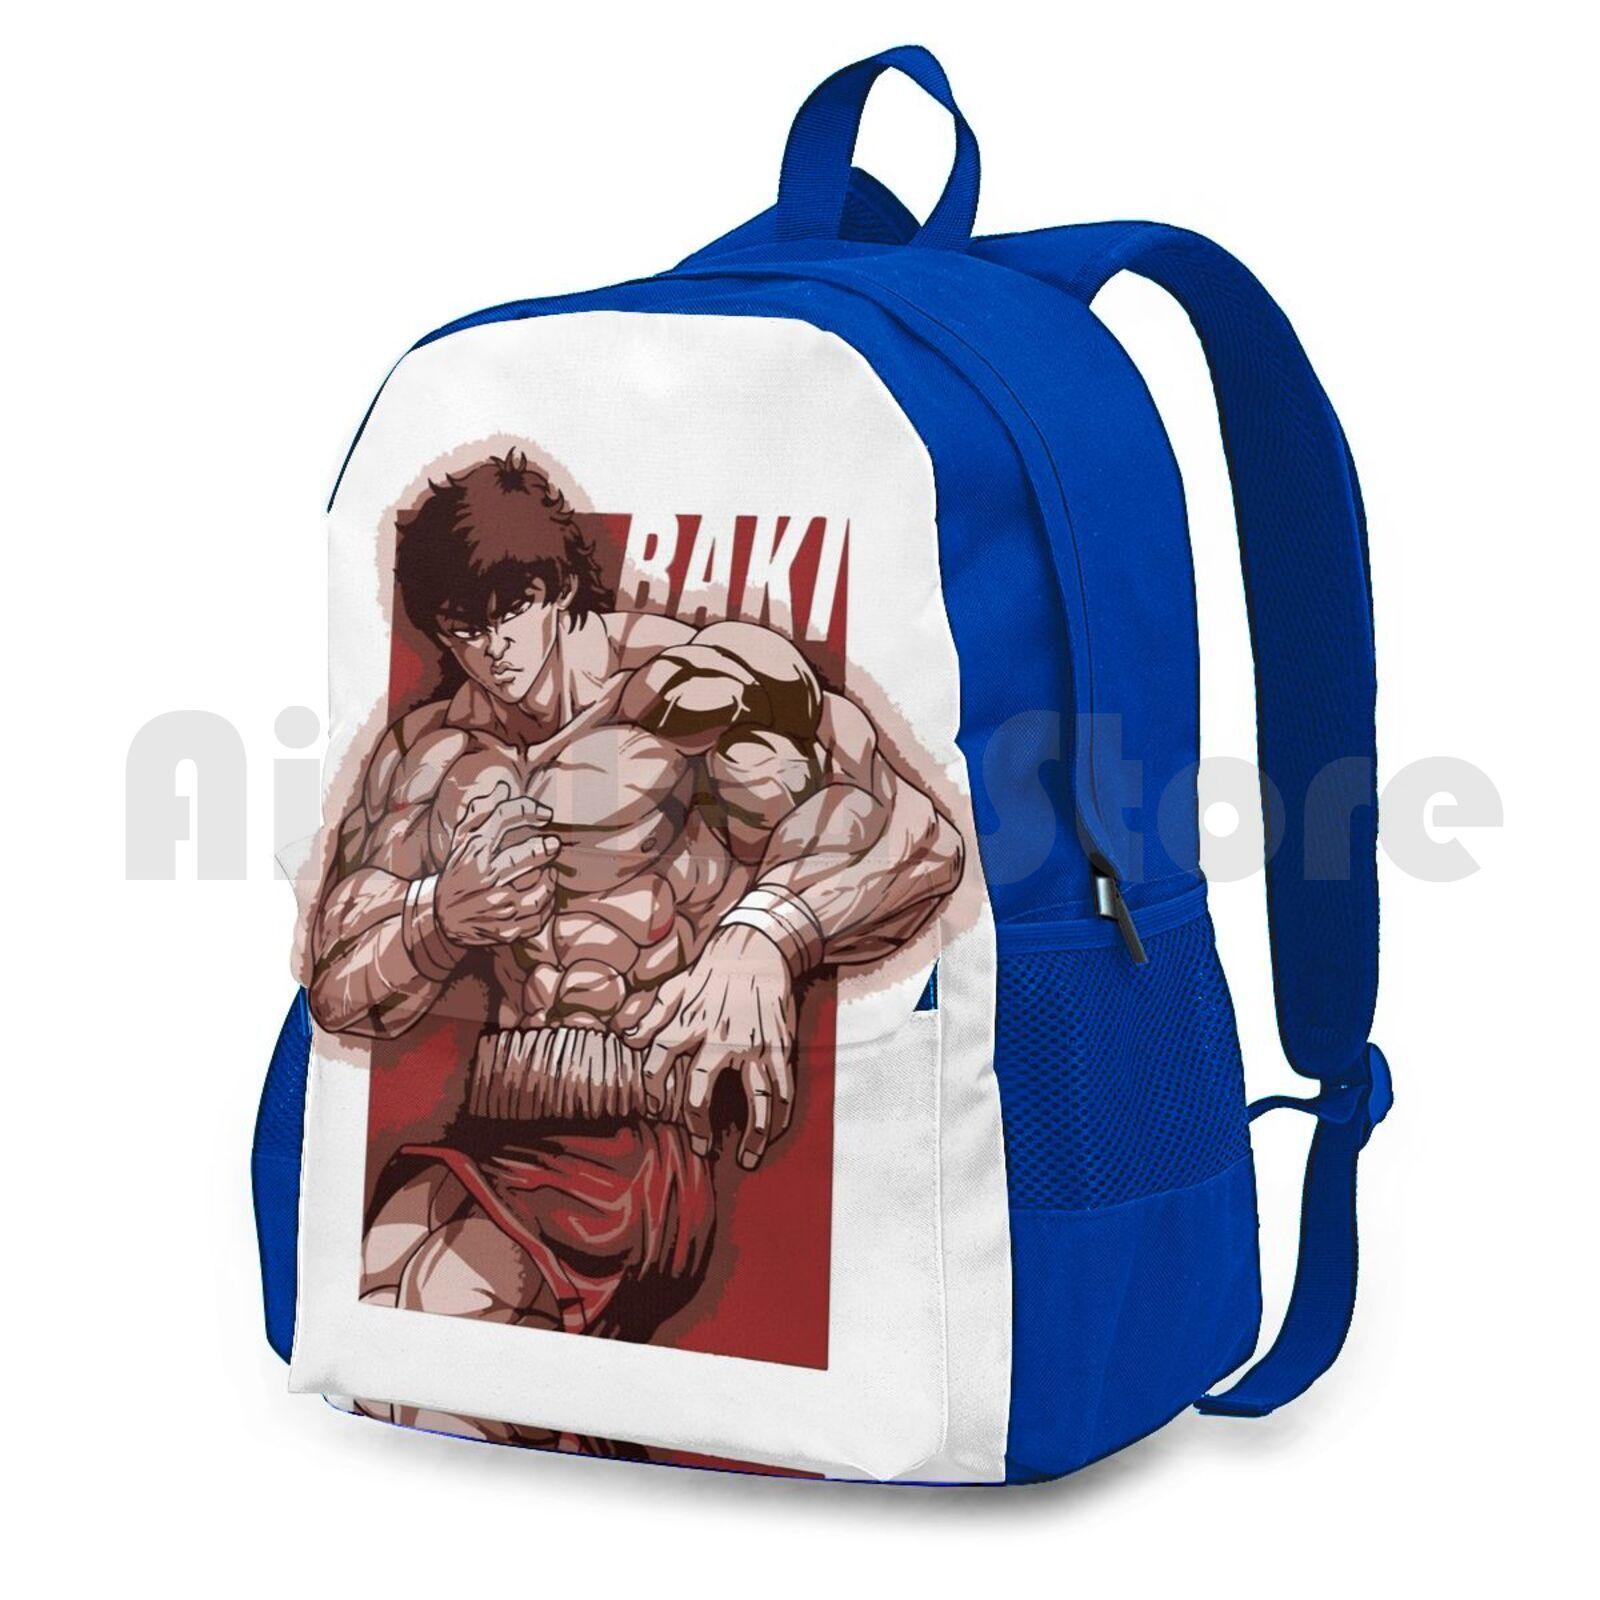 Hf67648b21f334073a19b1d7a1a8a8b6cc - Anime Backpacks